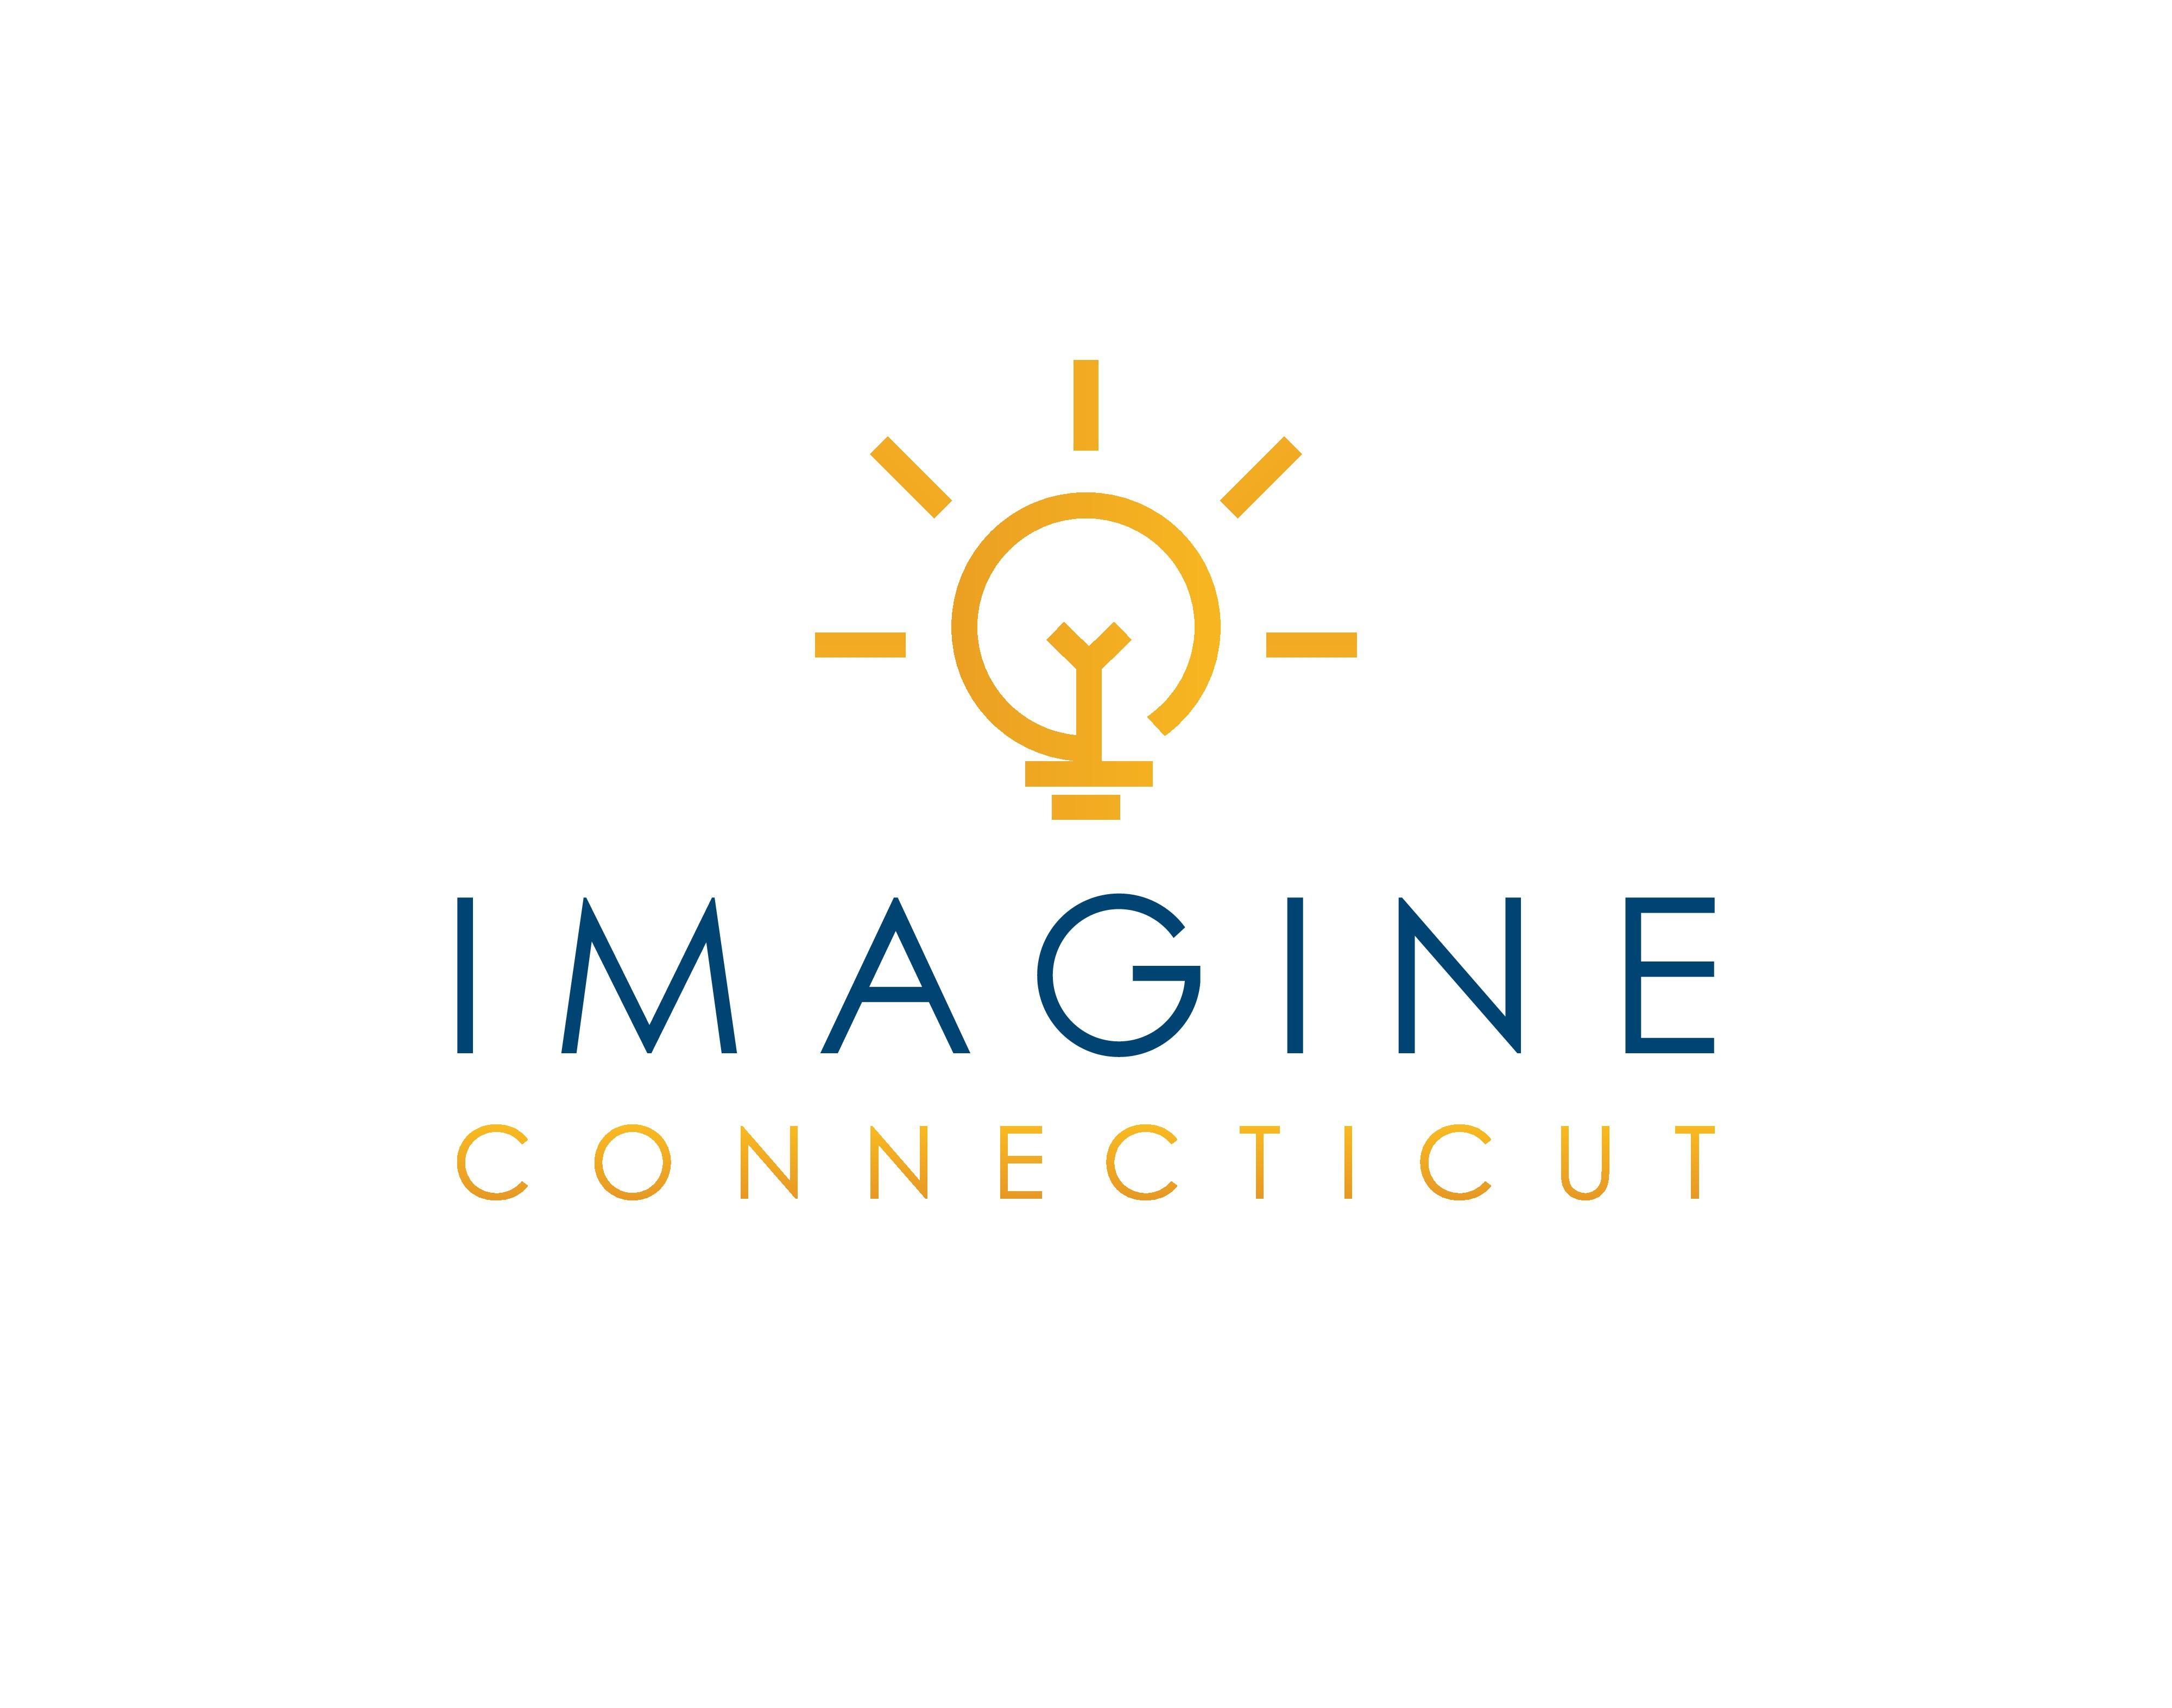 Help Me Imagine Connecticut!